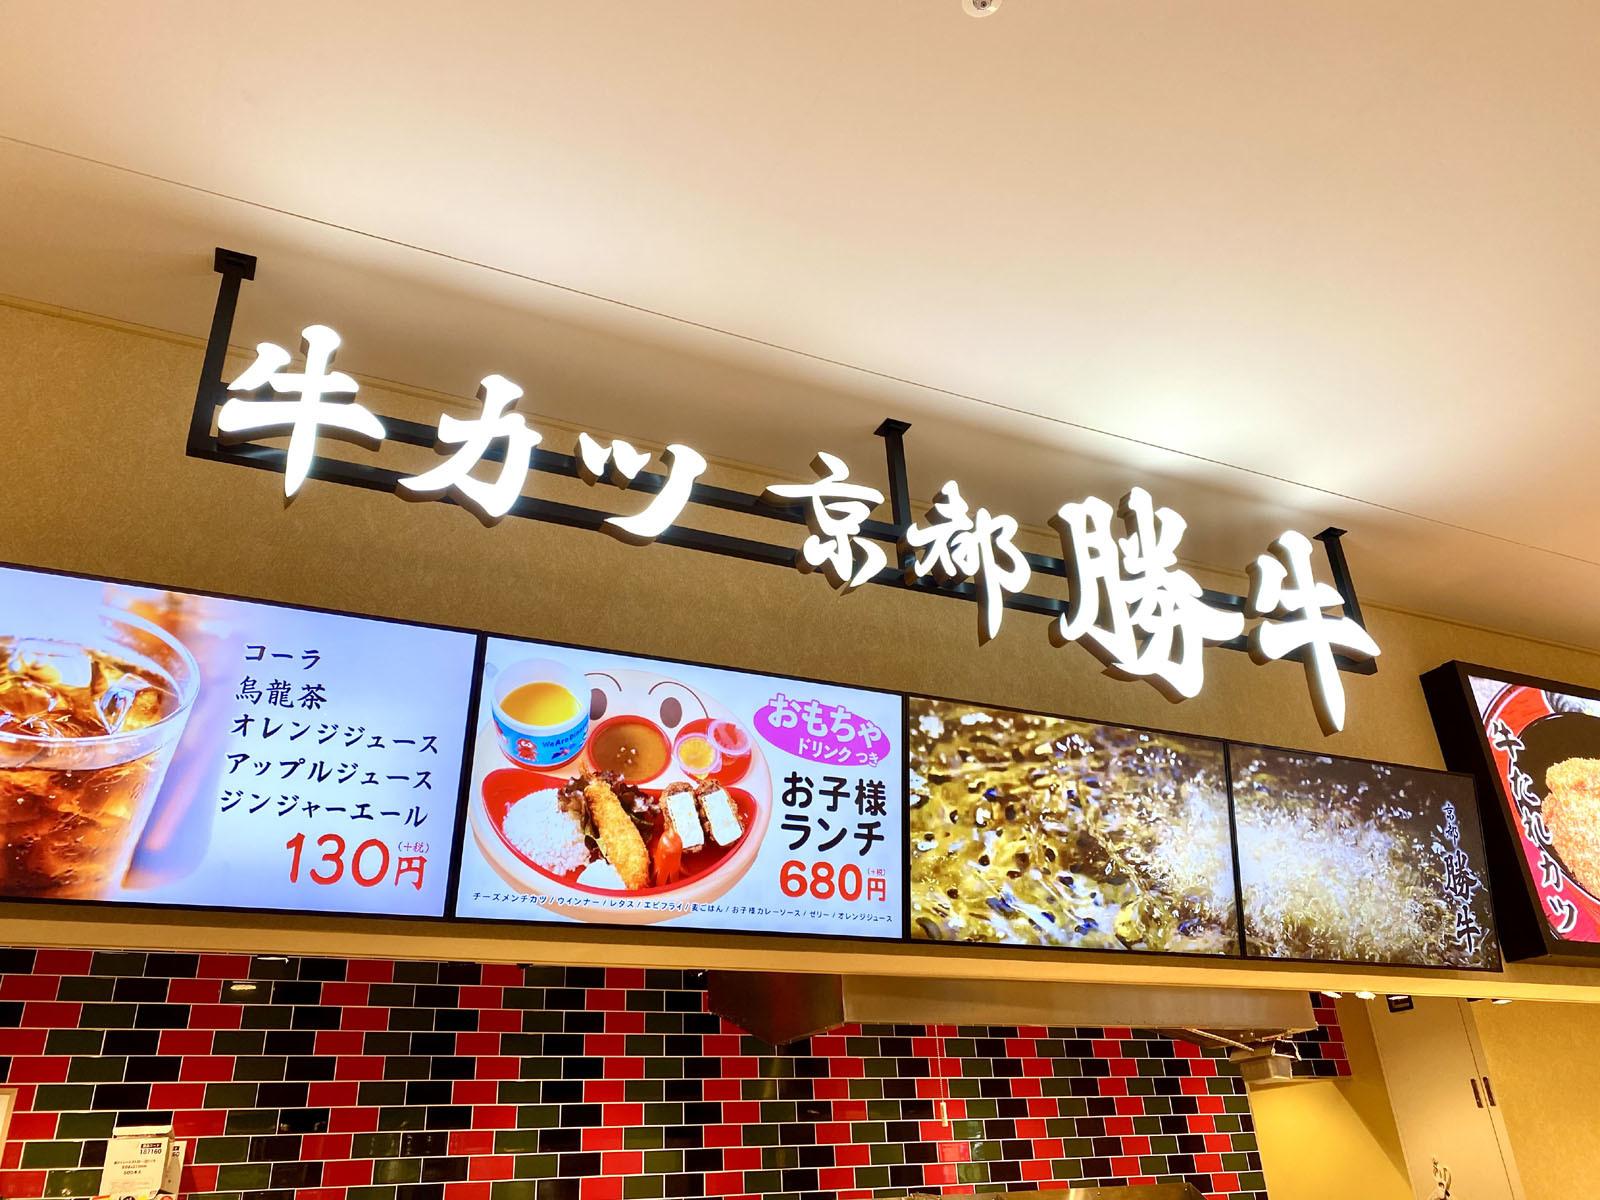 牛カツ 京都勝牛 ゆめタウン高松店 01 店舗